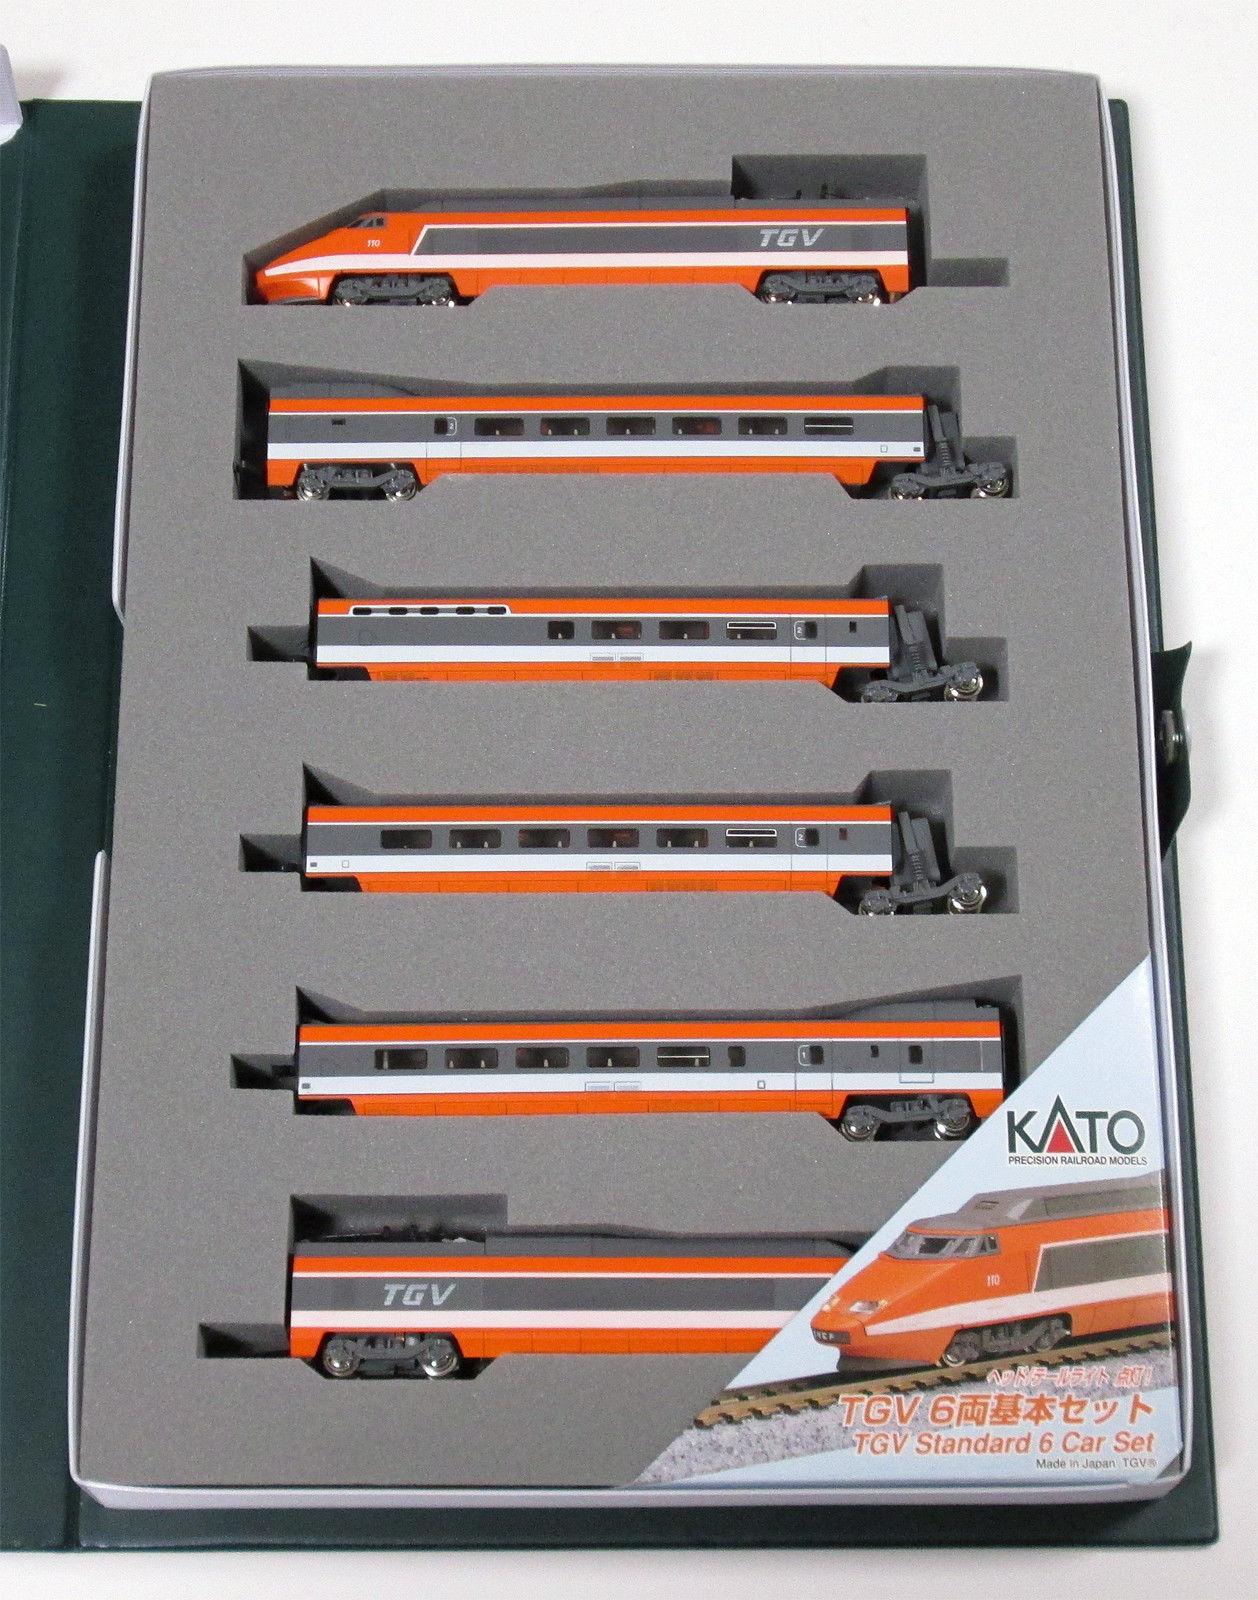 N Scale - Kato Lemke - 10-198 - Passenger Train, Electric, TGV - SNCF - 110 (Sud Est)